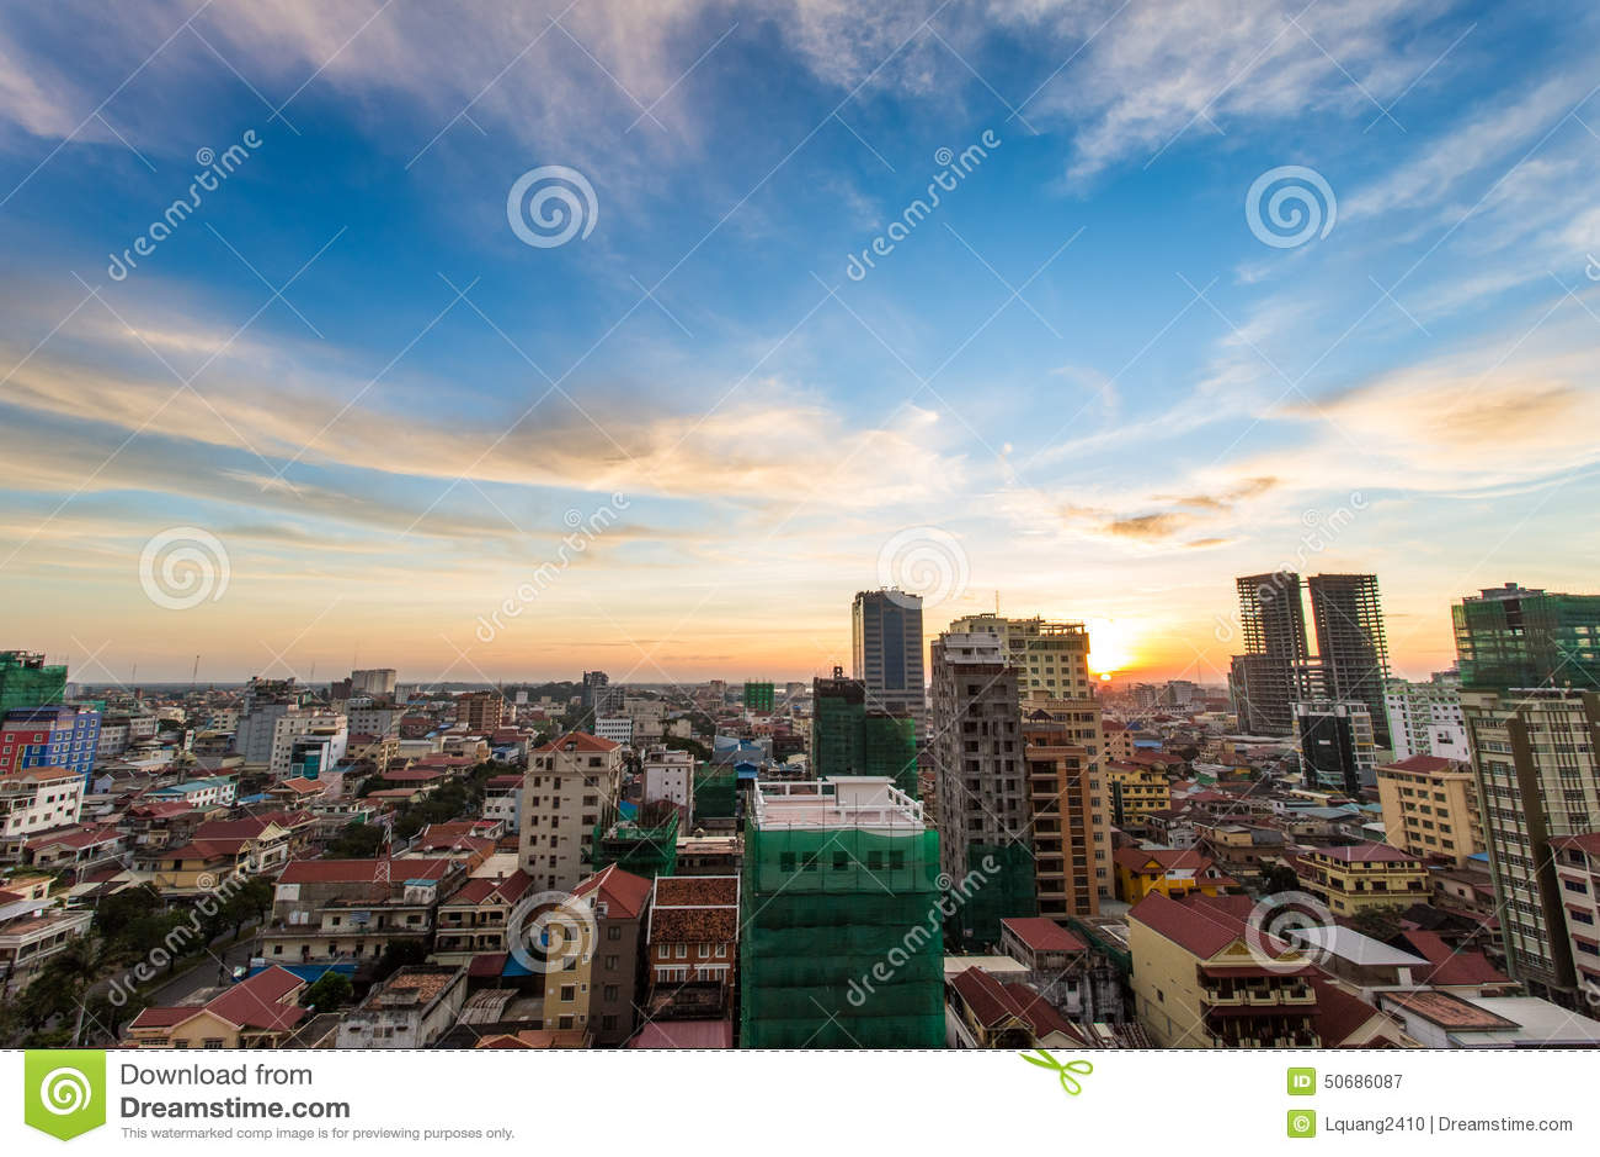 Download 都市风景在金边市 库存图片. 图片 包括有 日落, 日出, 柬埔寨, 城市, 横向, 都市风景, 资本, 遗产 - 50686087